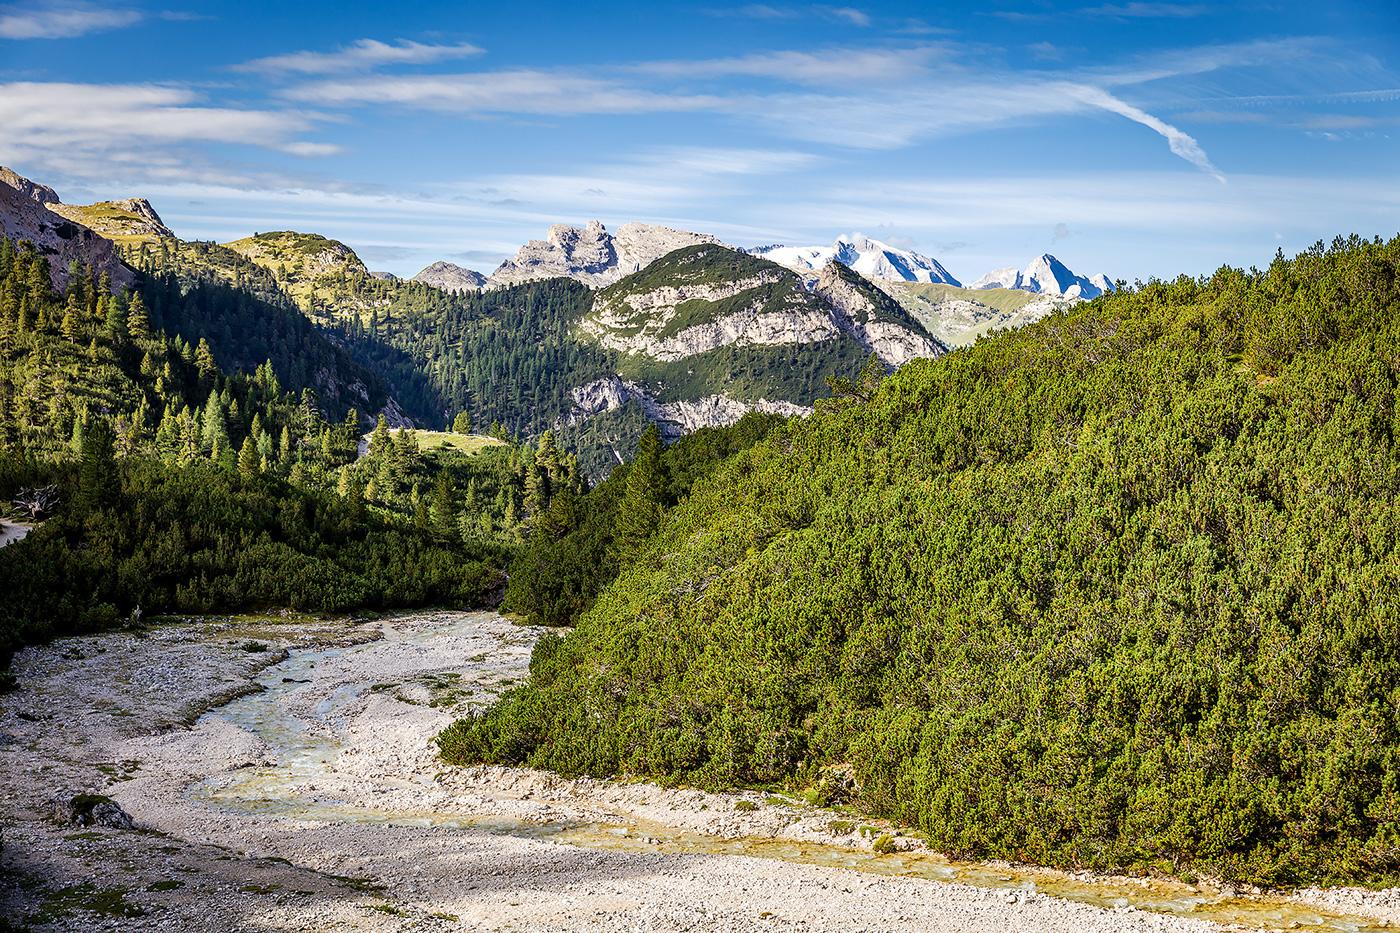 Adobe Portfolio dolomiten Dolomiti climbing hiking mountains rocks felsen   Klettern Alta Badia Bergsteigen berge Wolken Cima Cunturines Cunturines-Spitze Fanes